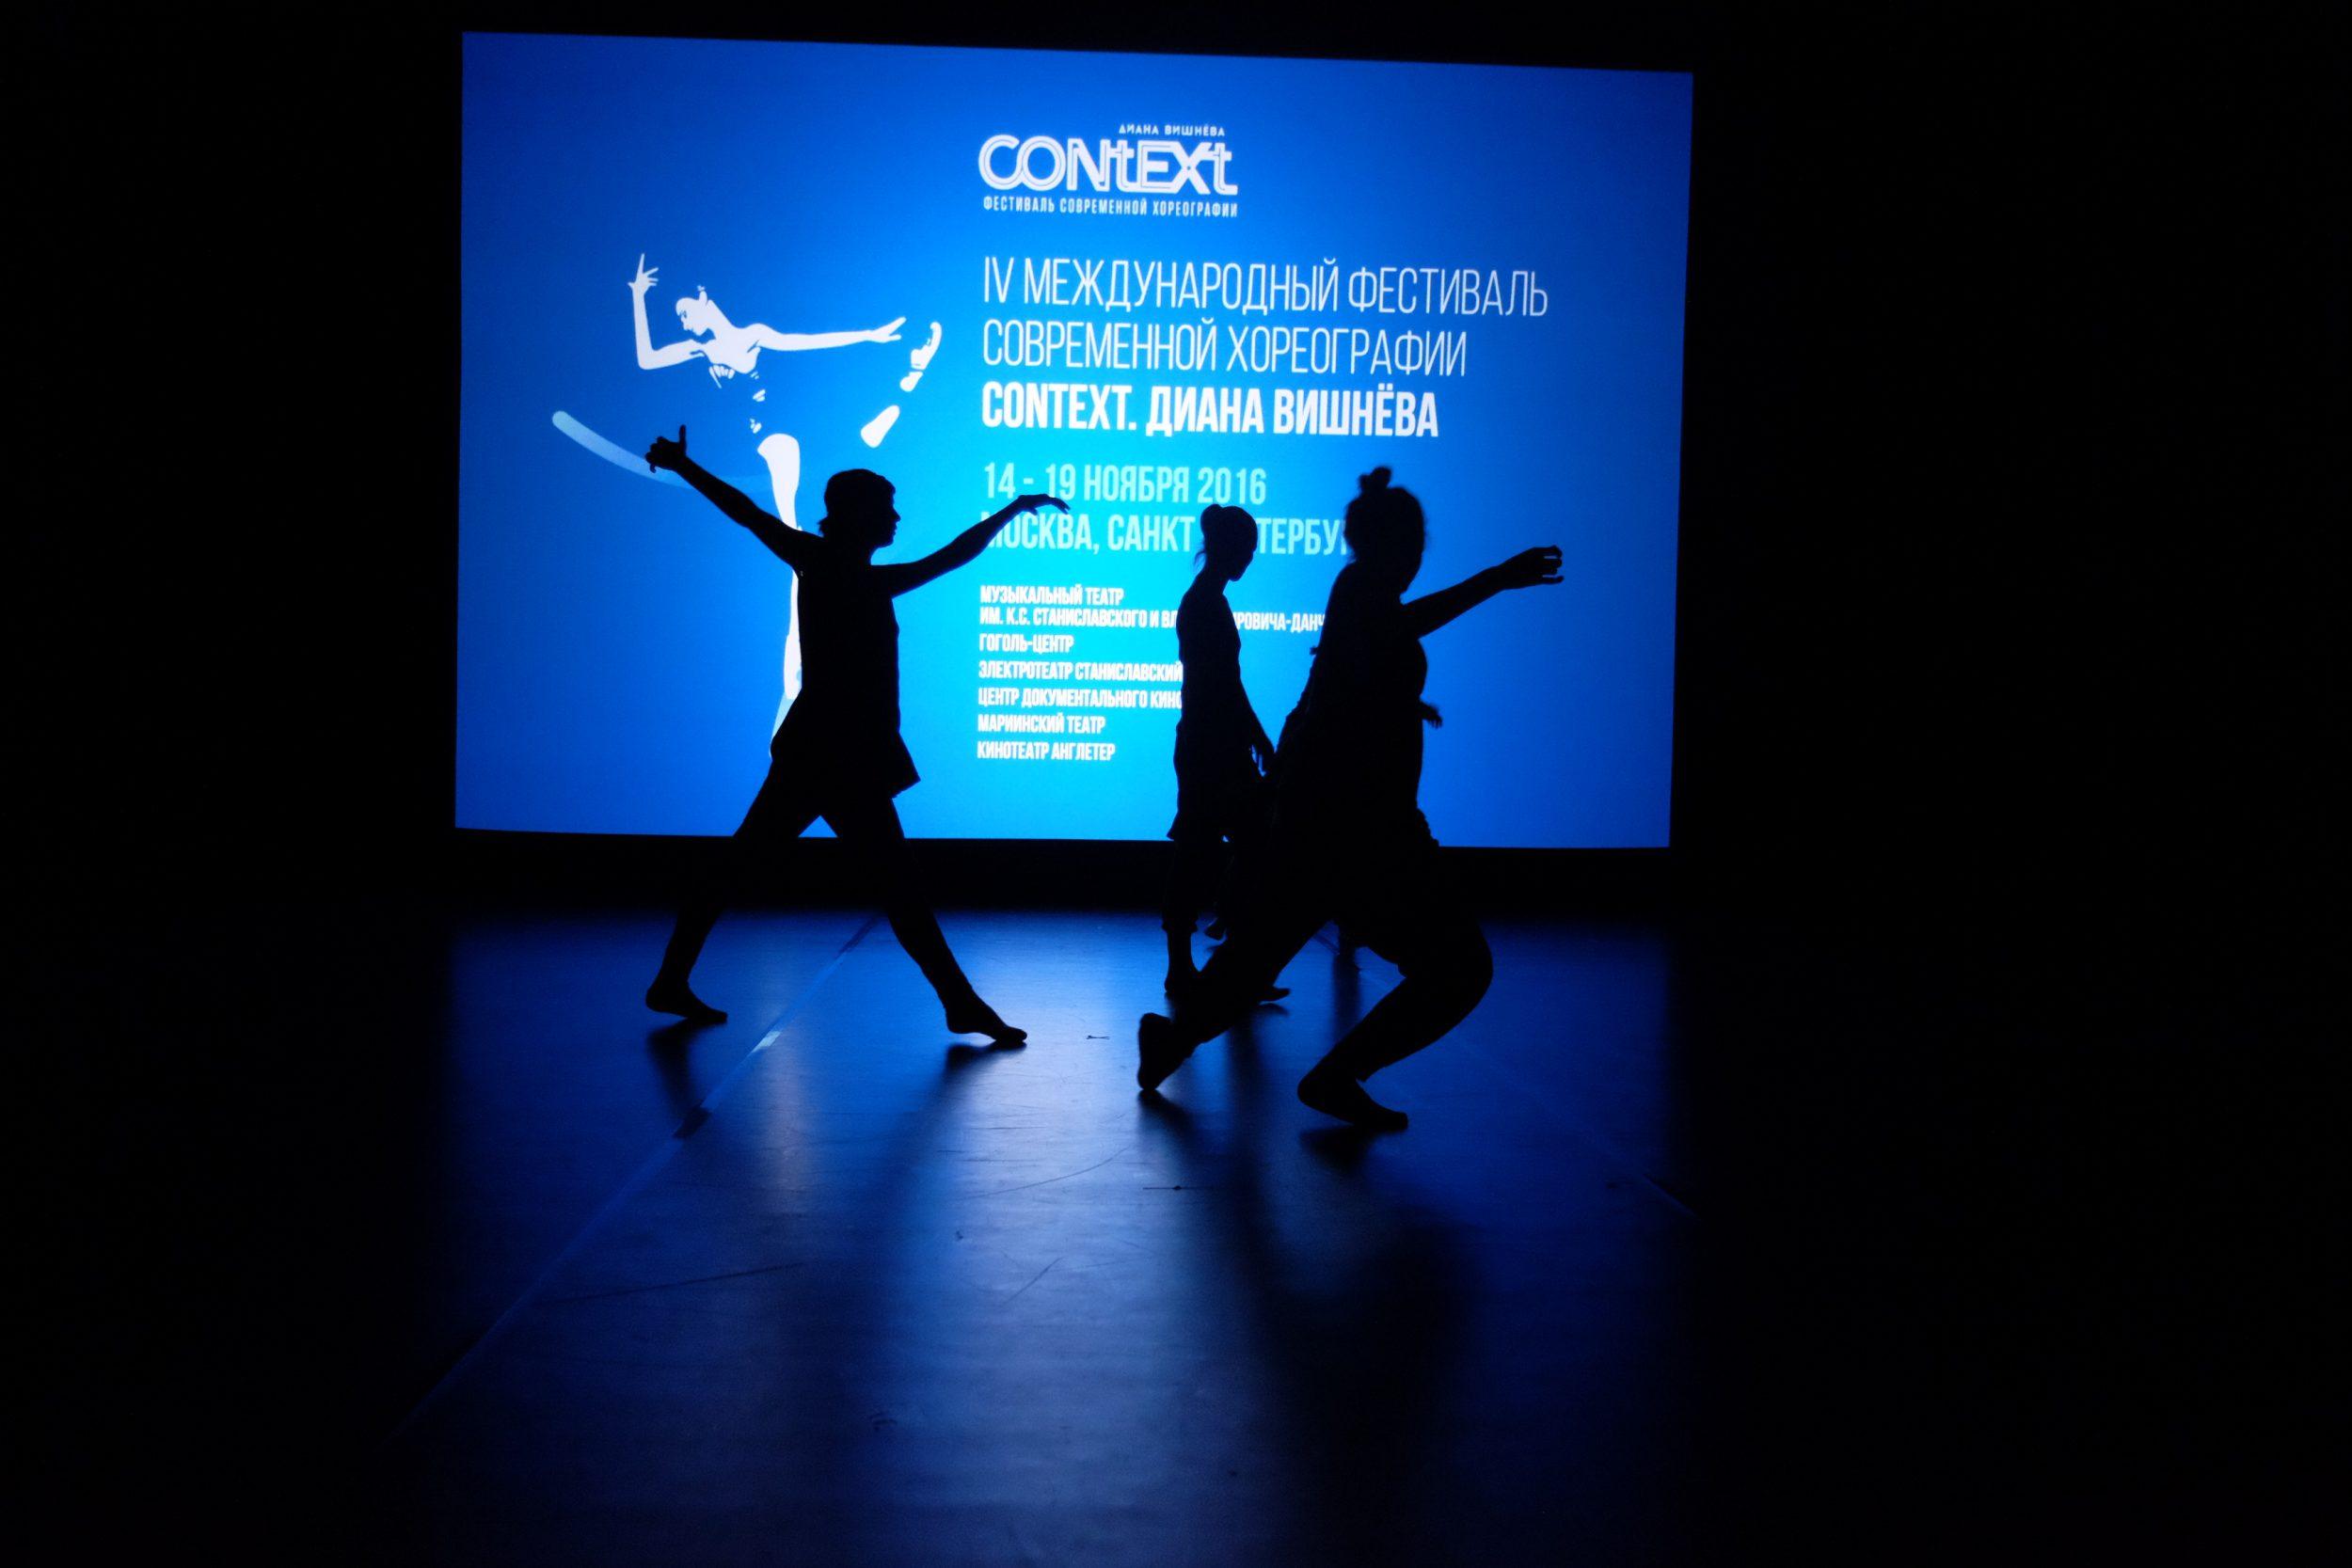 Конкурс в рамках фестиваля CONTEXT. Diana Vishneva в 2016 году